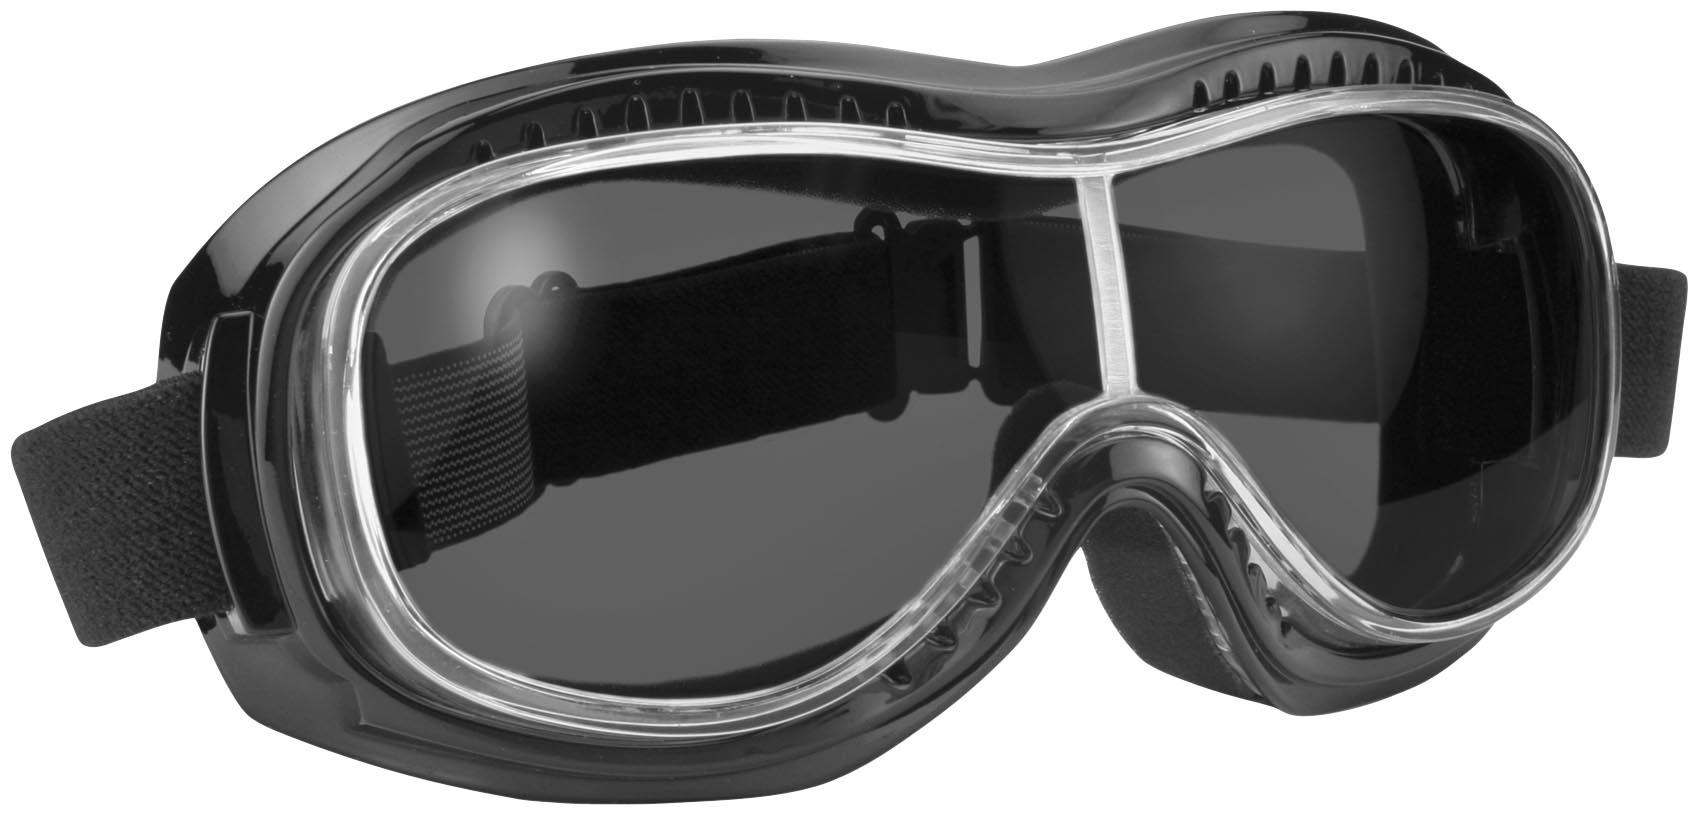 Fitover Day2Nite Goggles